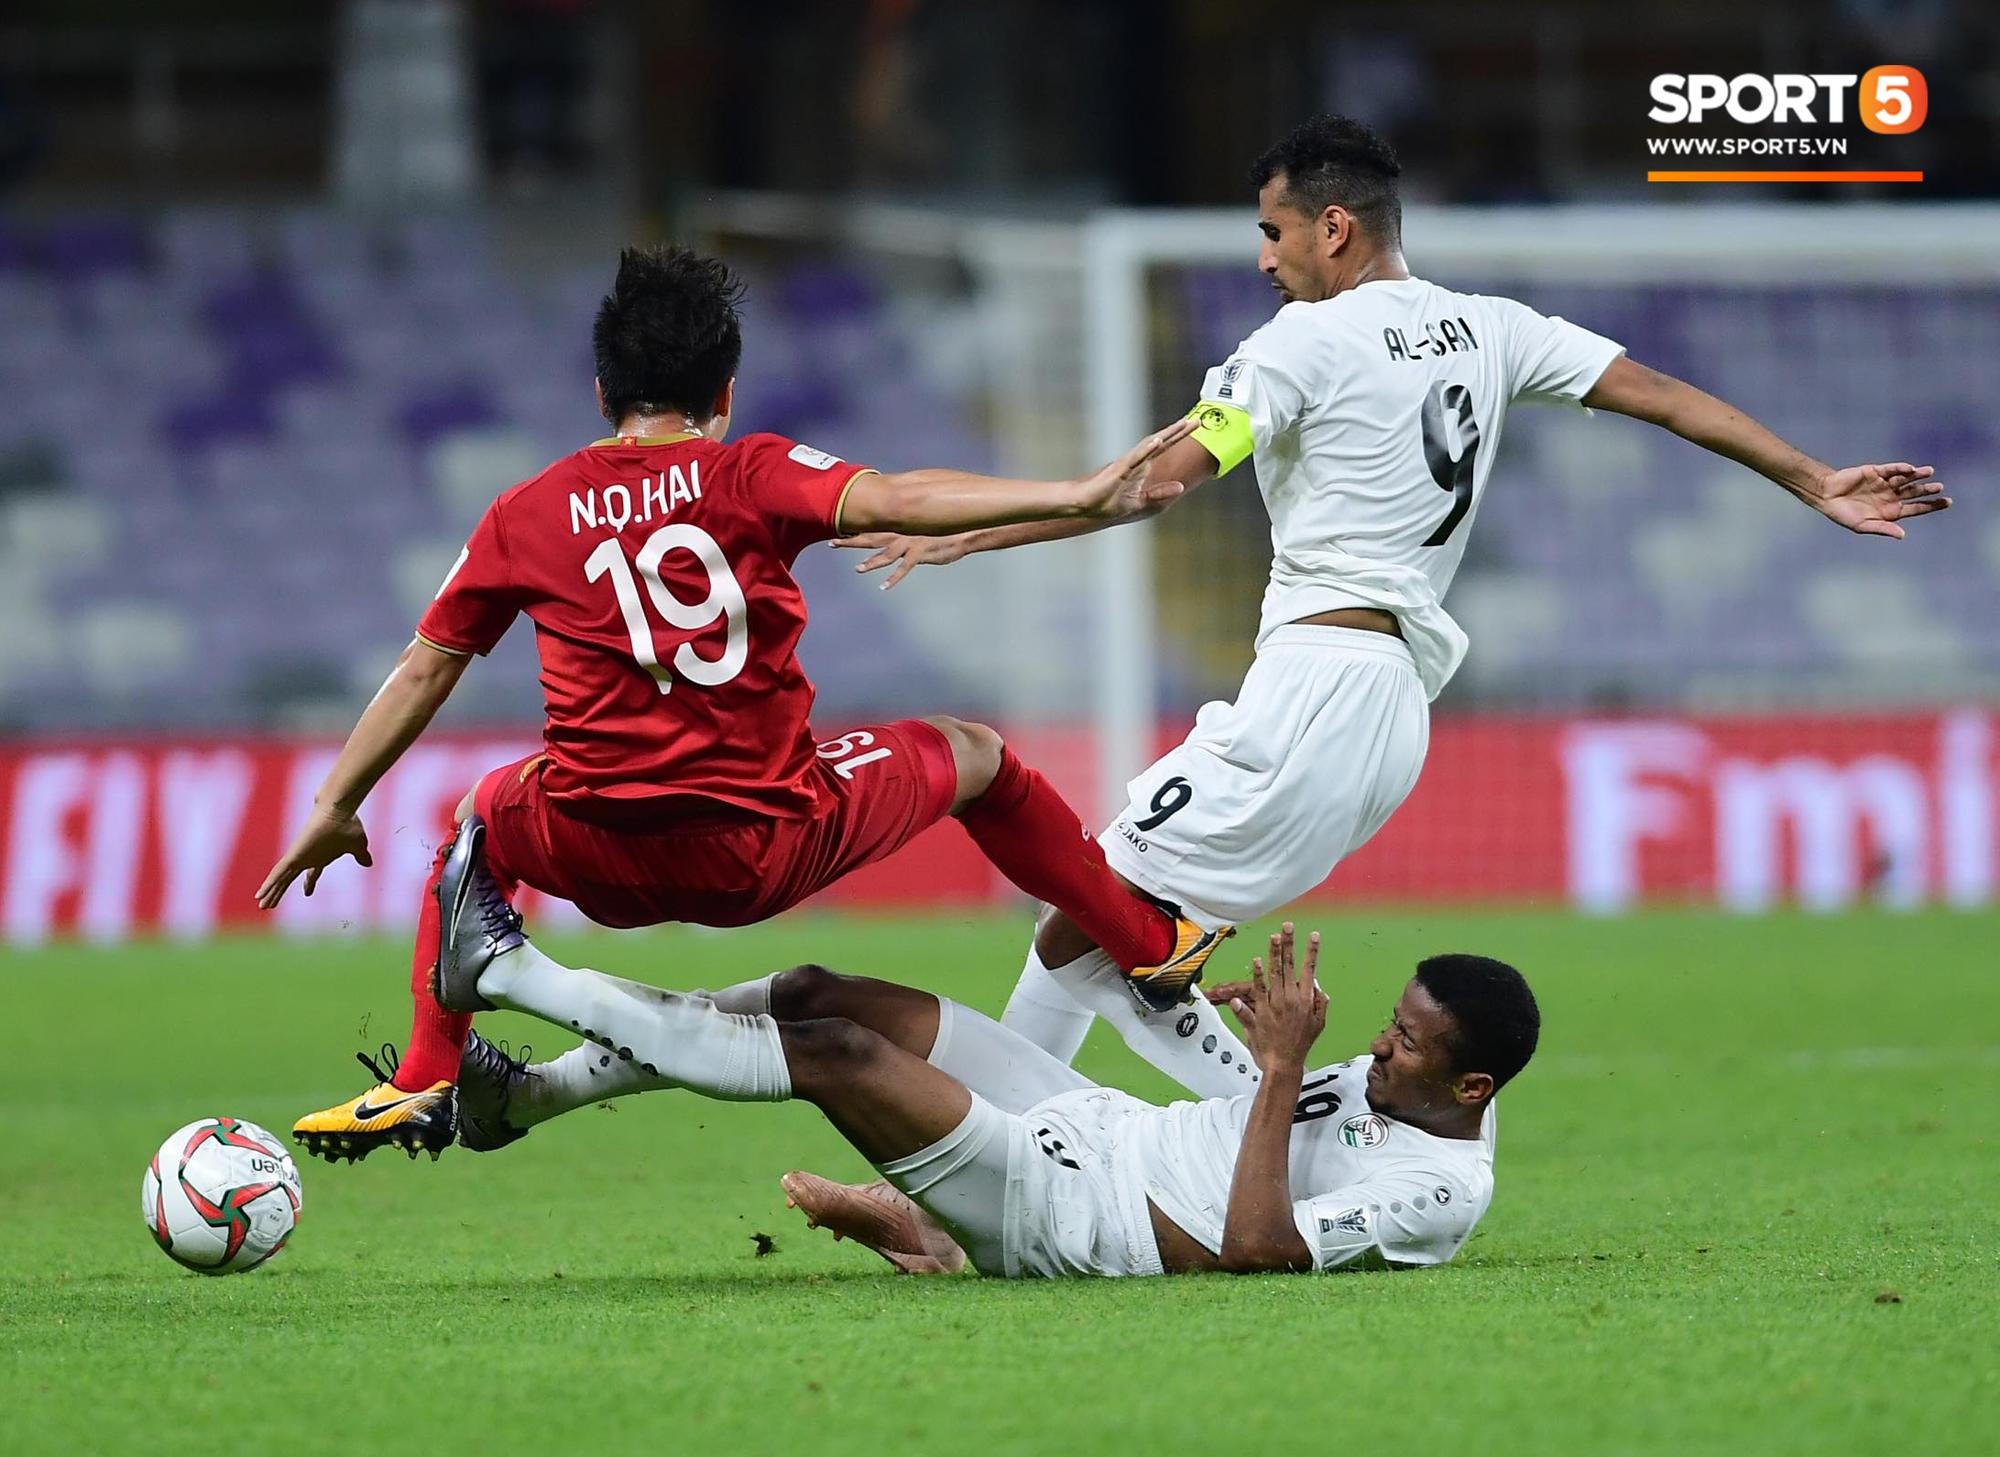 Quang Hải ăn mừng cực nhiệt khi tái hiện siêu phẩm cầu vồng tại Asian Cup 2019-6